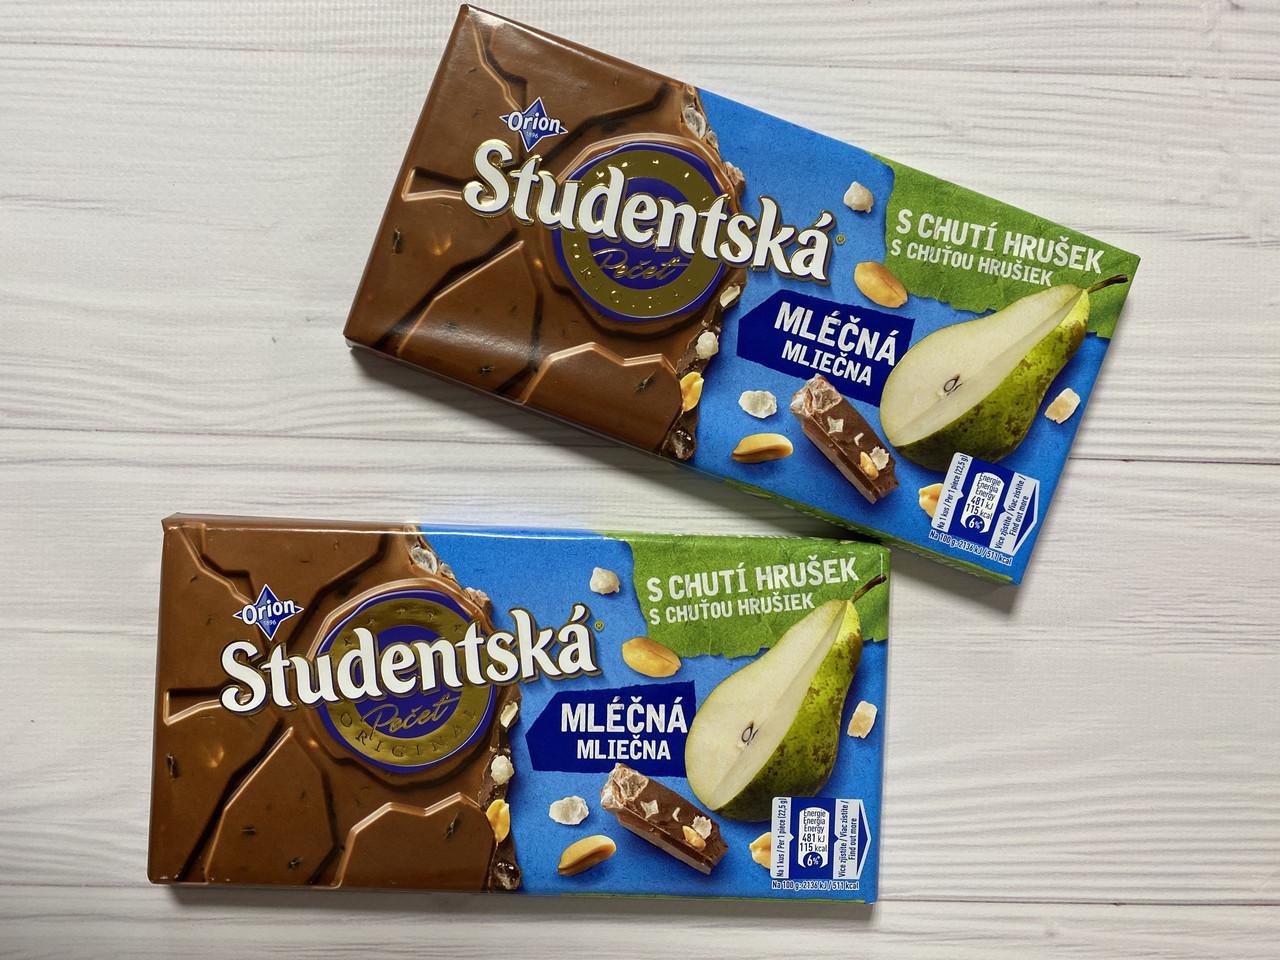 Шоколад молочный Studentska с грушей и арахисом. Чехия 180г